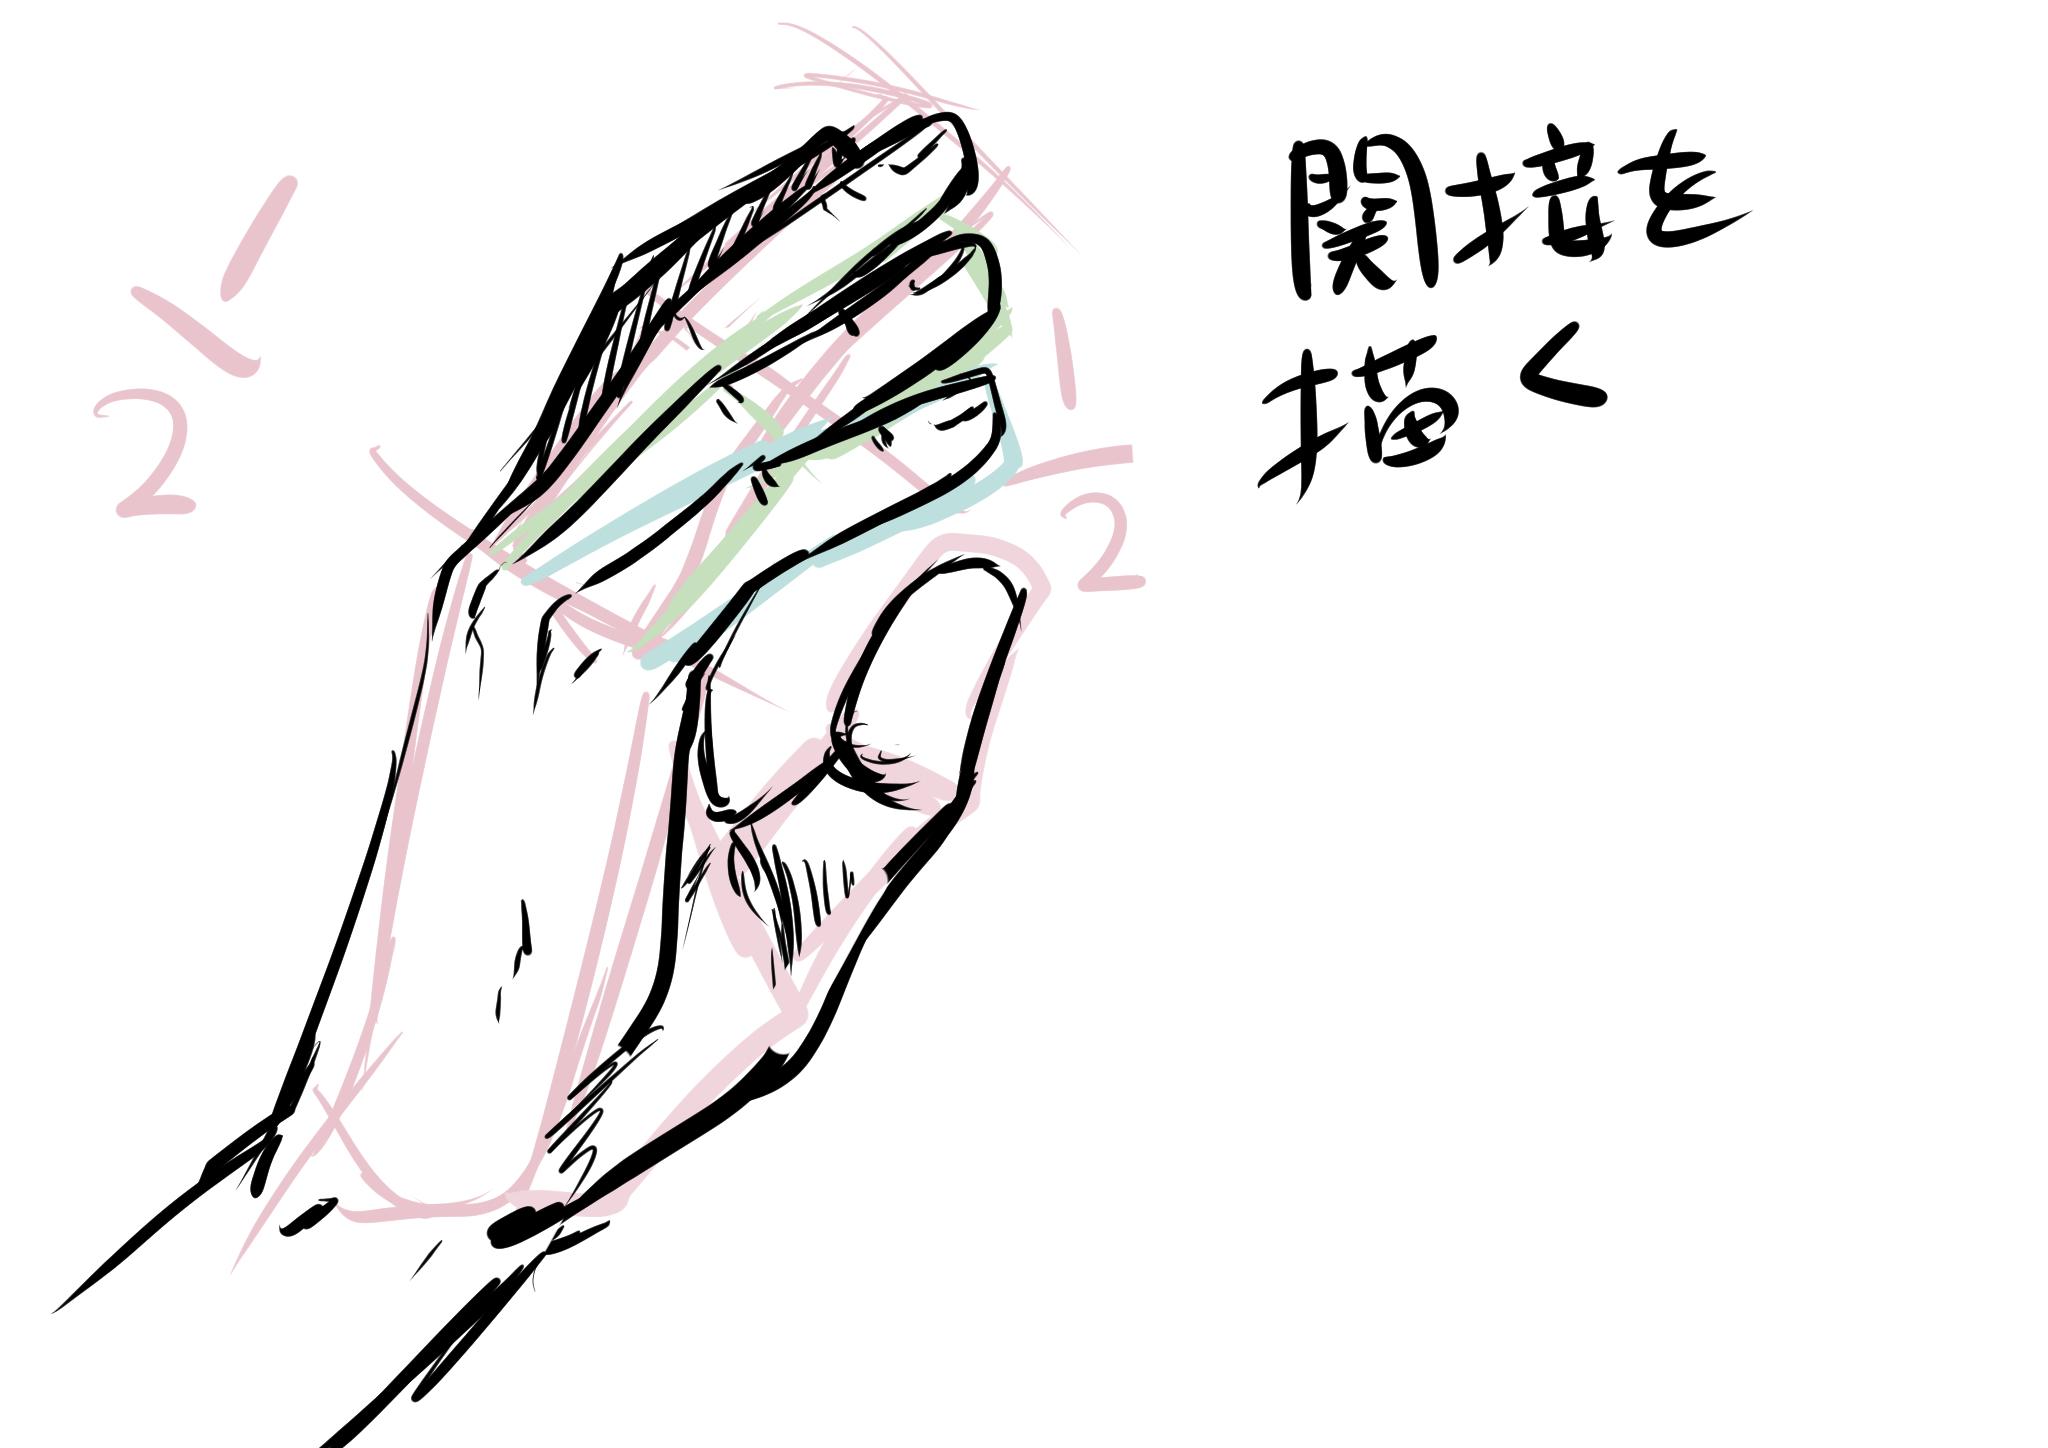 手の書き方を考える6